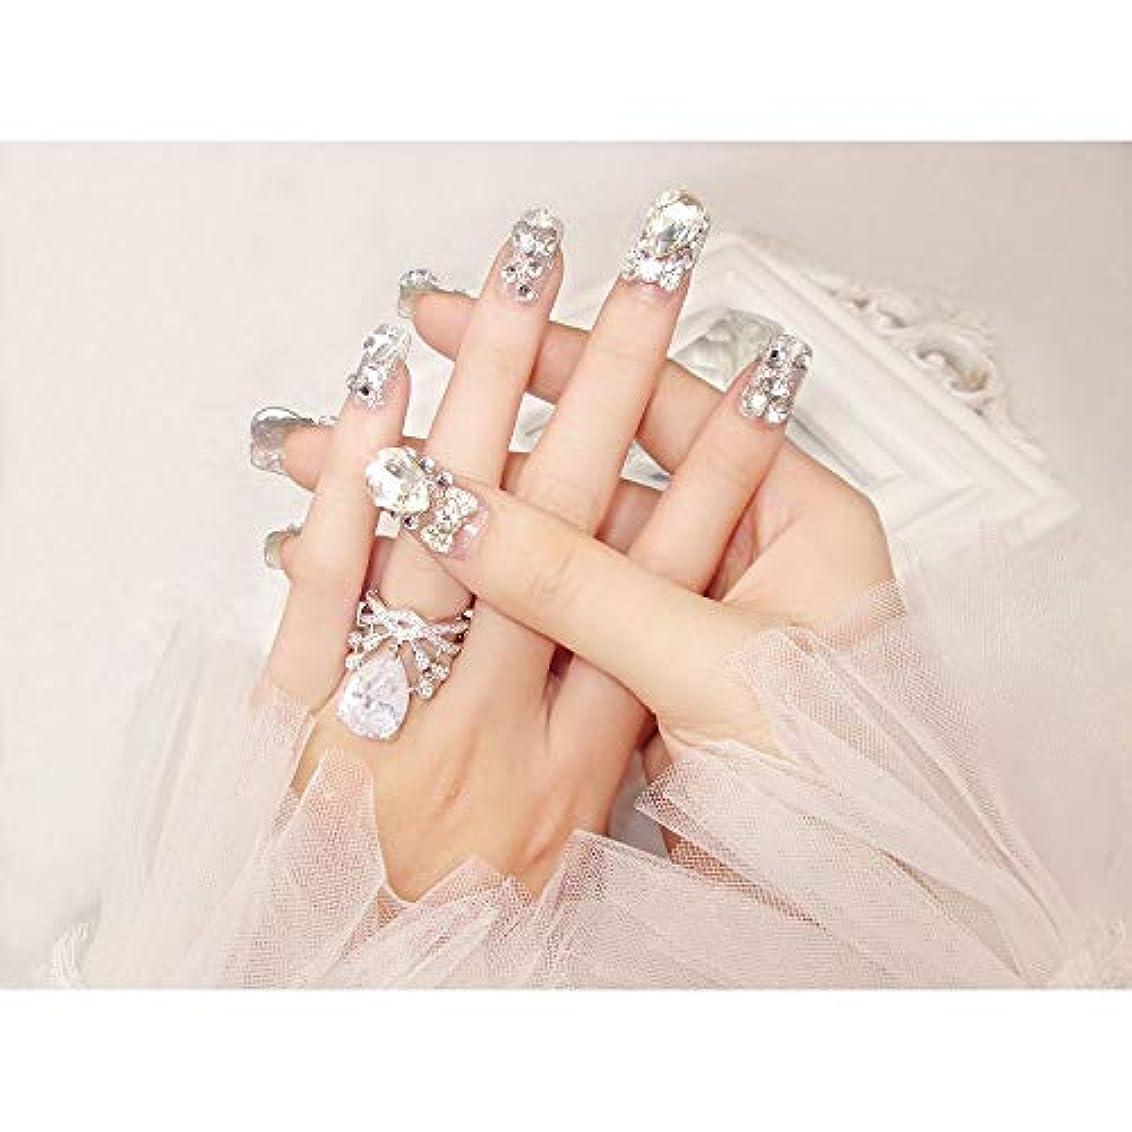 責め新聞入るBOBIDYEE 完成した偽の釘24ピース箱入り花嫁シャイニー偽の爪の宝石ダイヤモンドの宝石ブライダルネイルステッカー (色 : 24 pieces)